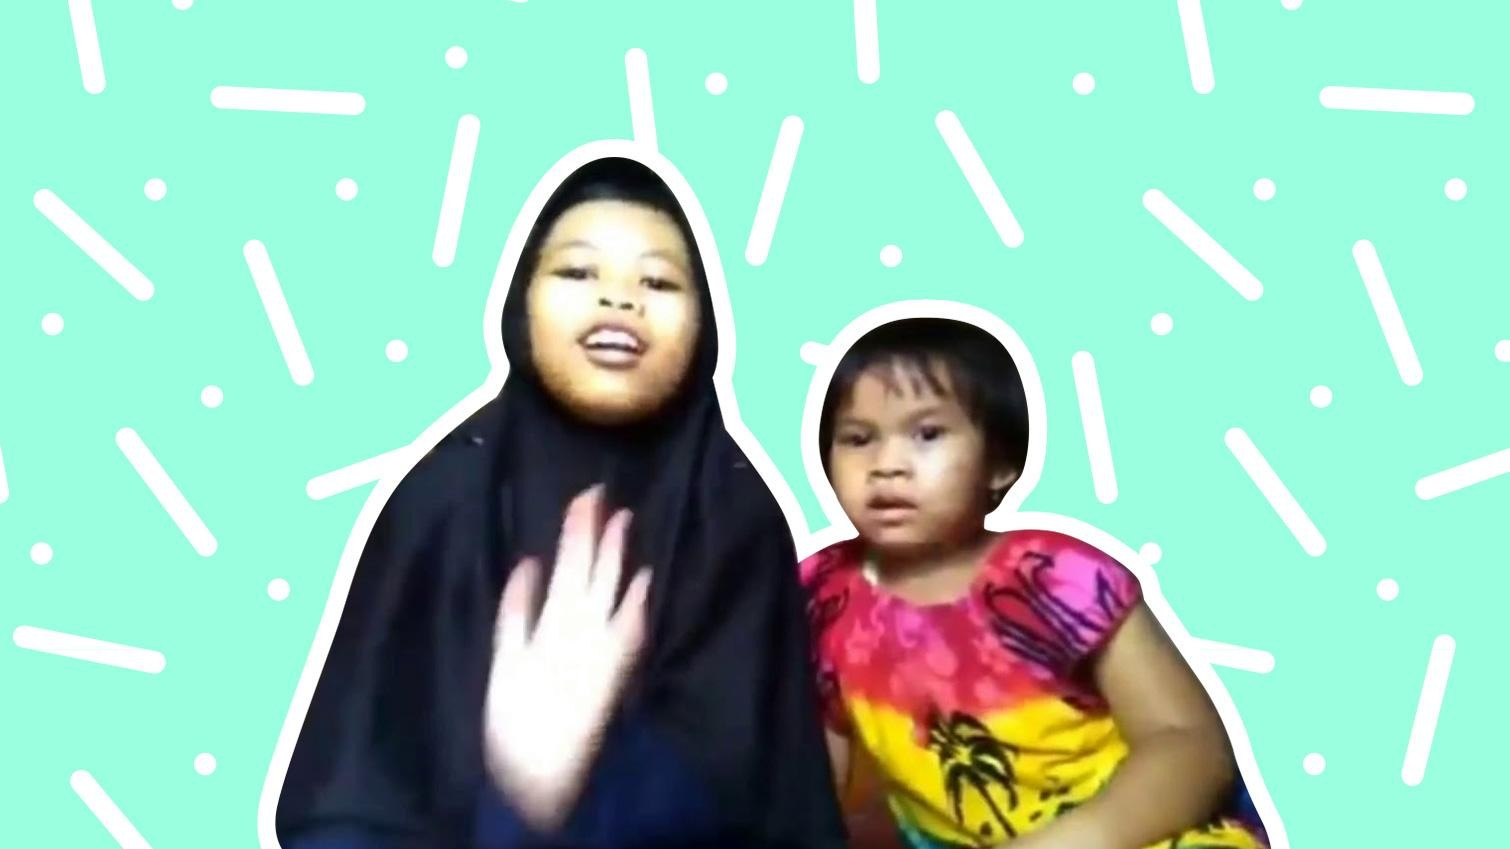 6 Anak Kecil Ini Jadi Terkenal Karena Videonya Viral Siapa